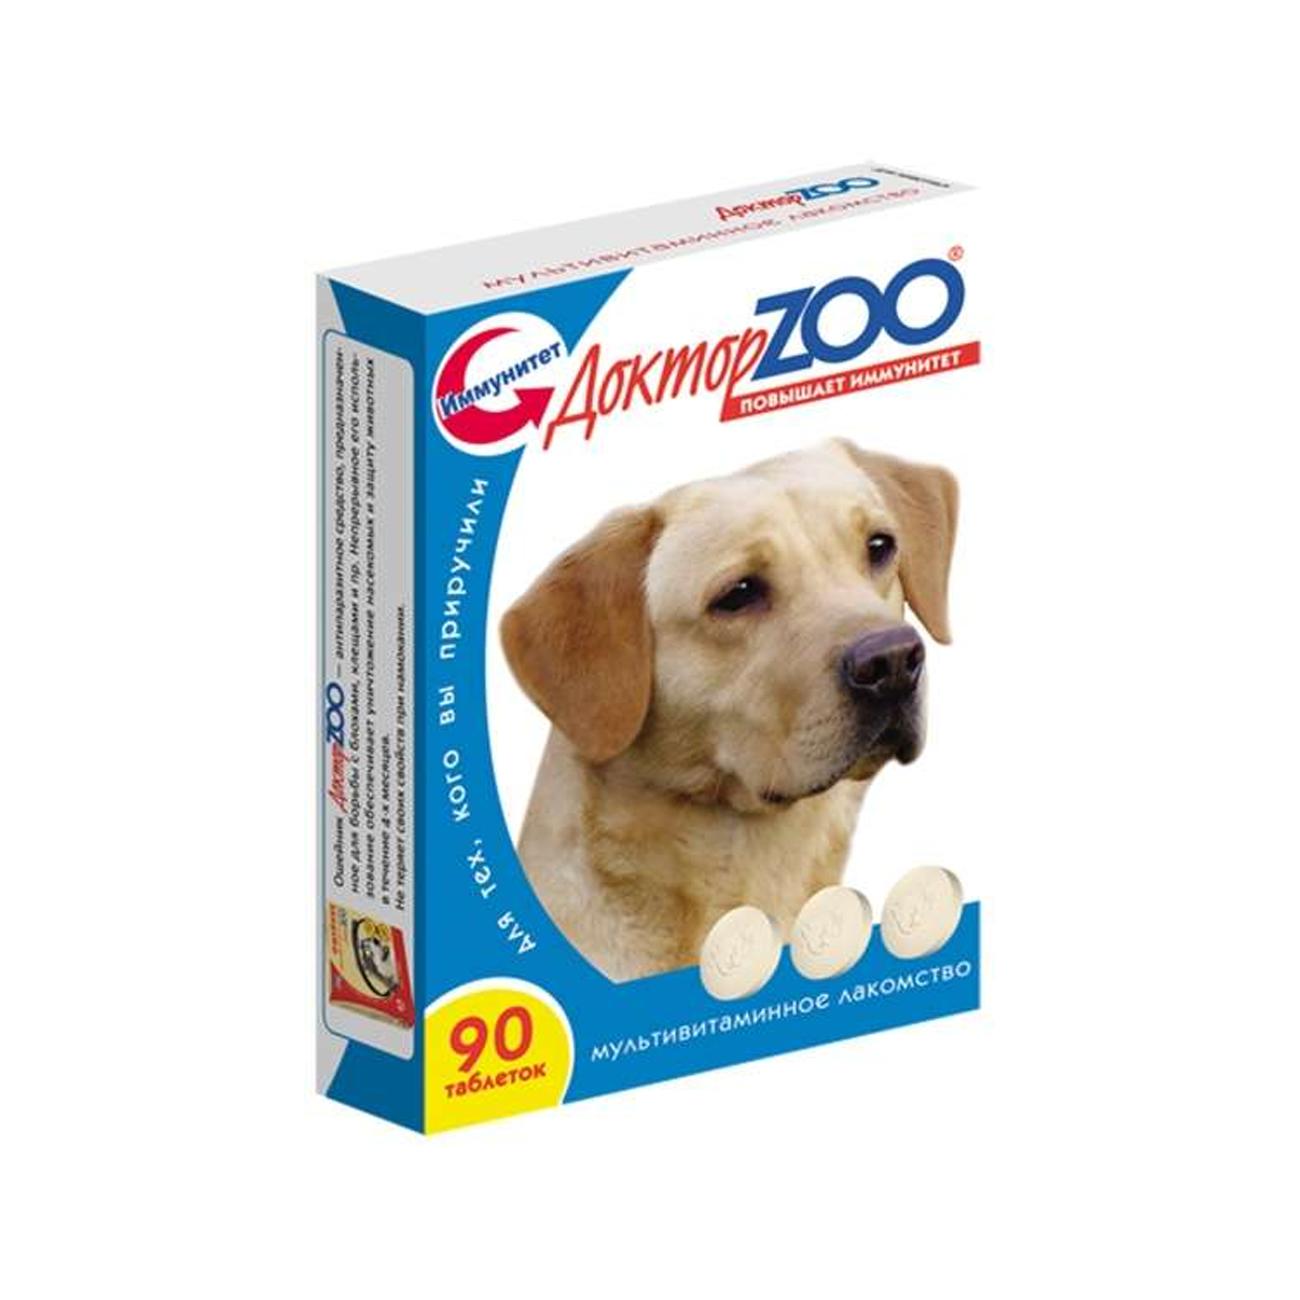 Витаминный комплекс для собак Доктор ZOO Здоровая